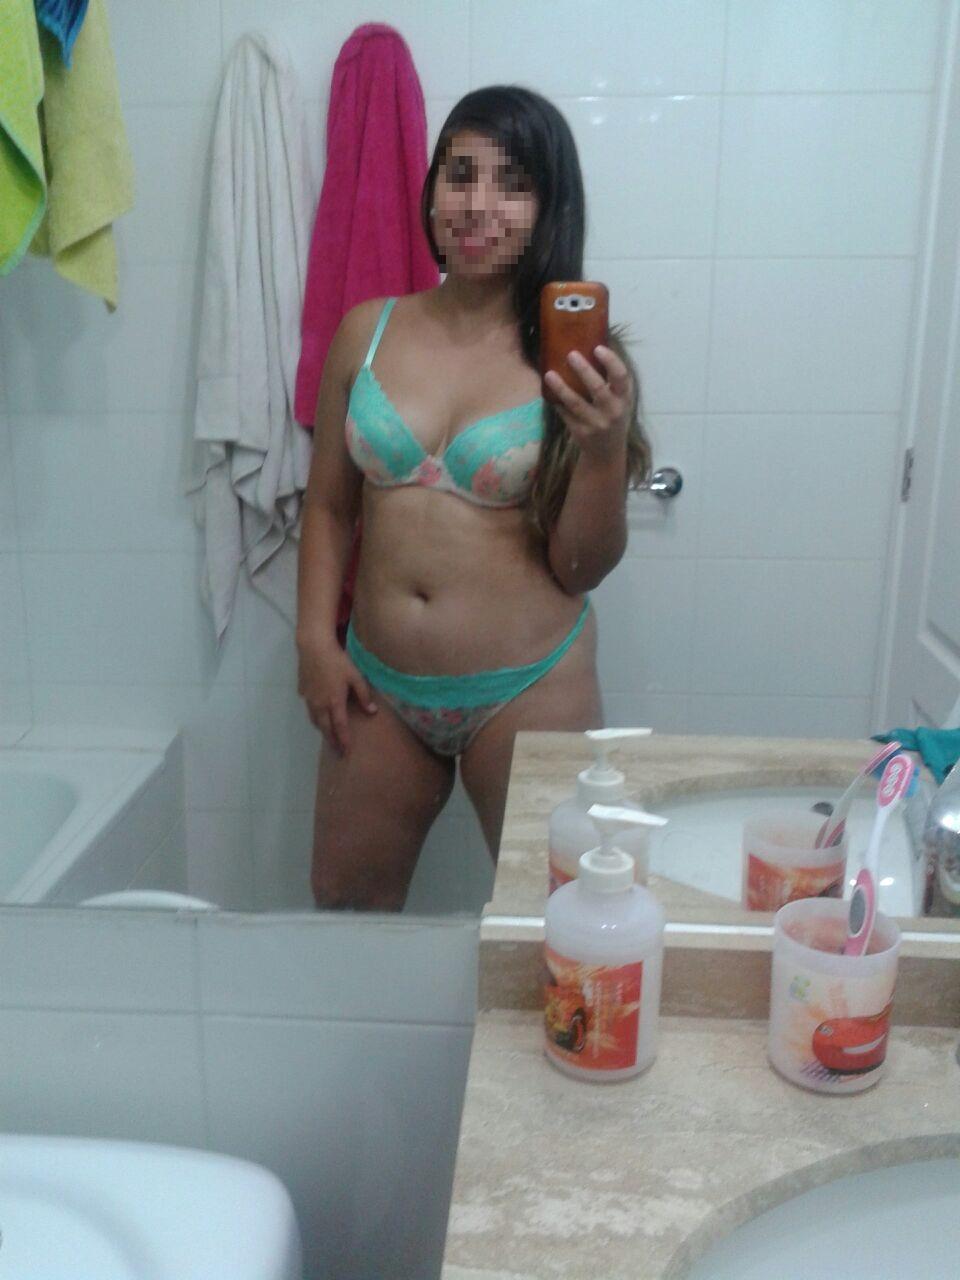 Chica caliente jugando después de la ducha 8